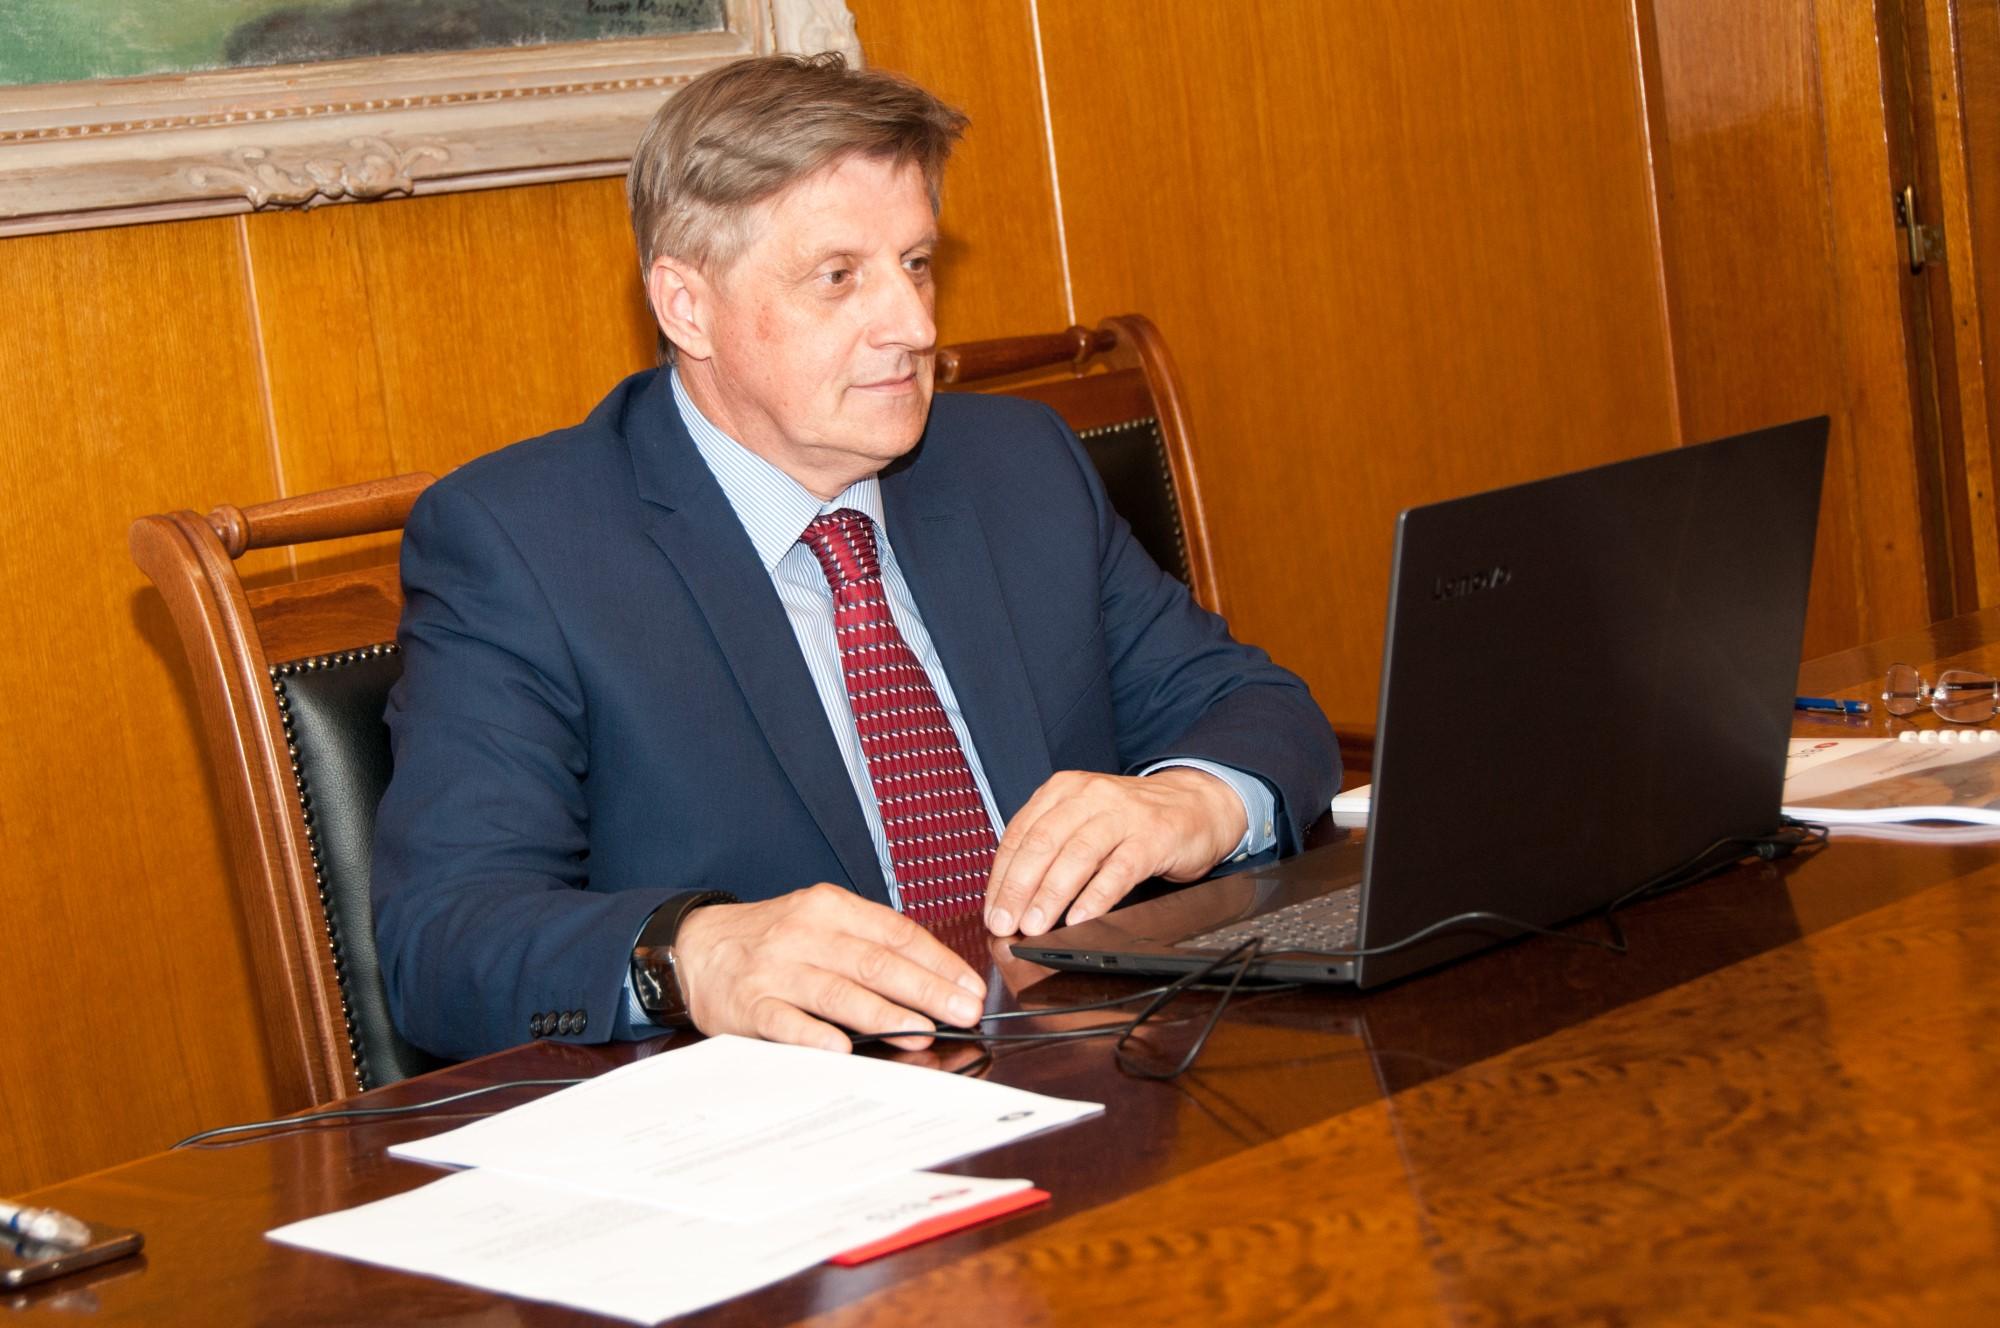 Η ετήσια συνεδρίαση της Τράπεζας Διεθνών Διακανονισμών επικεντρώθηκε στις προκλήσεις του COVID-19